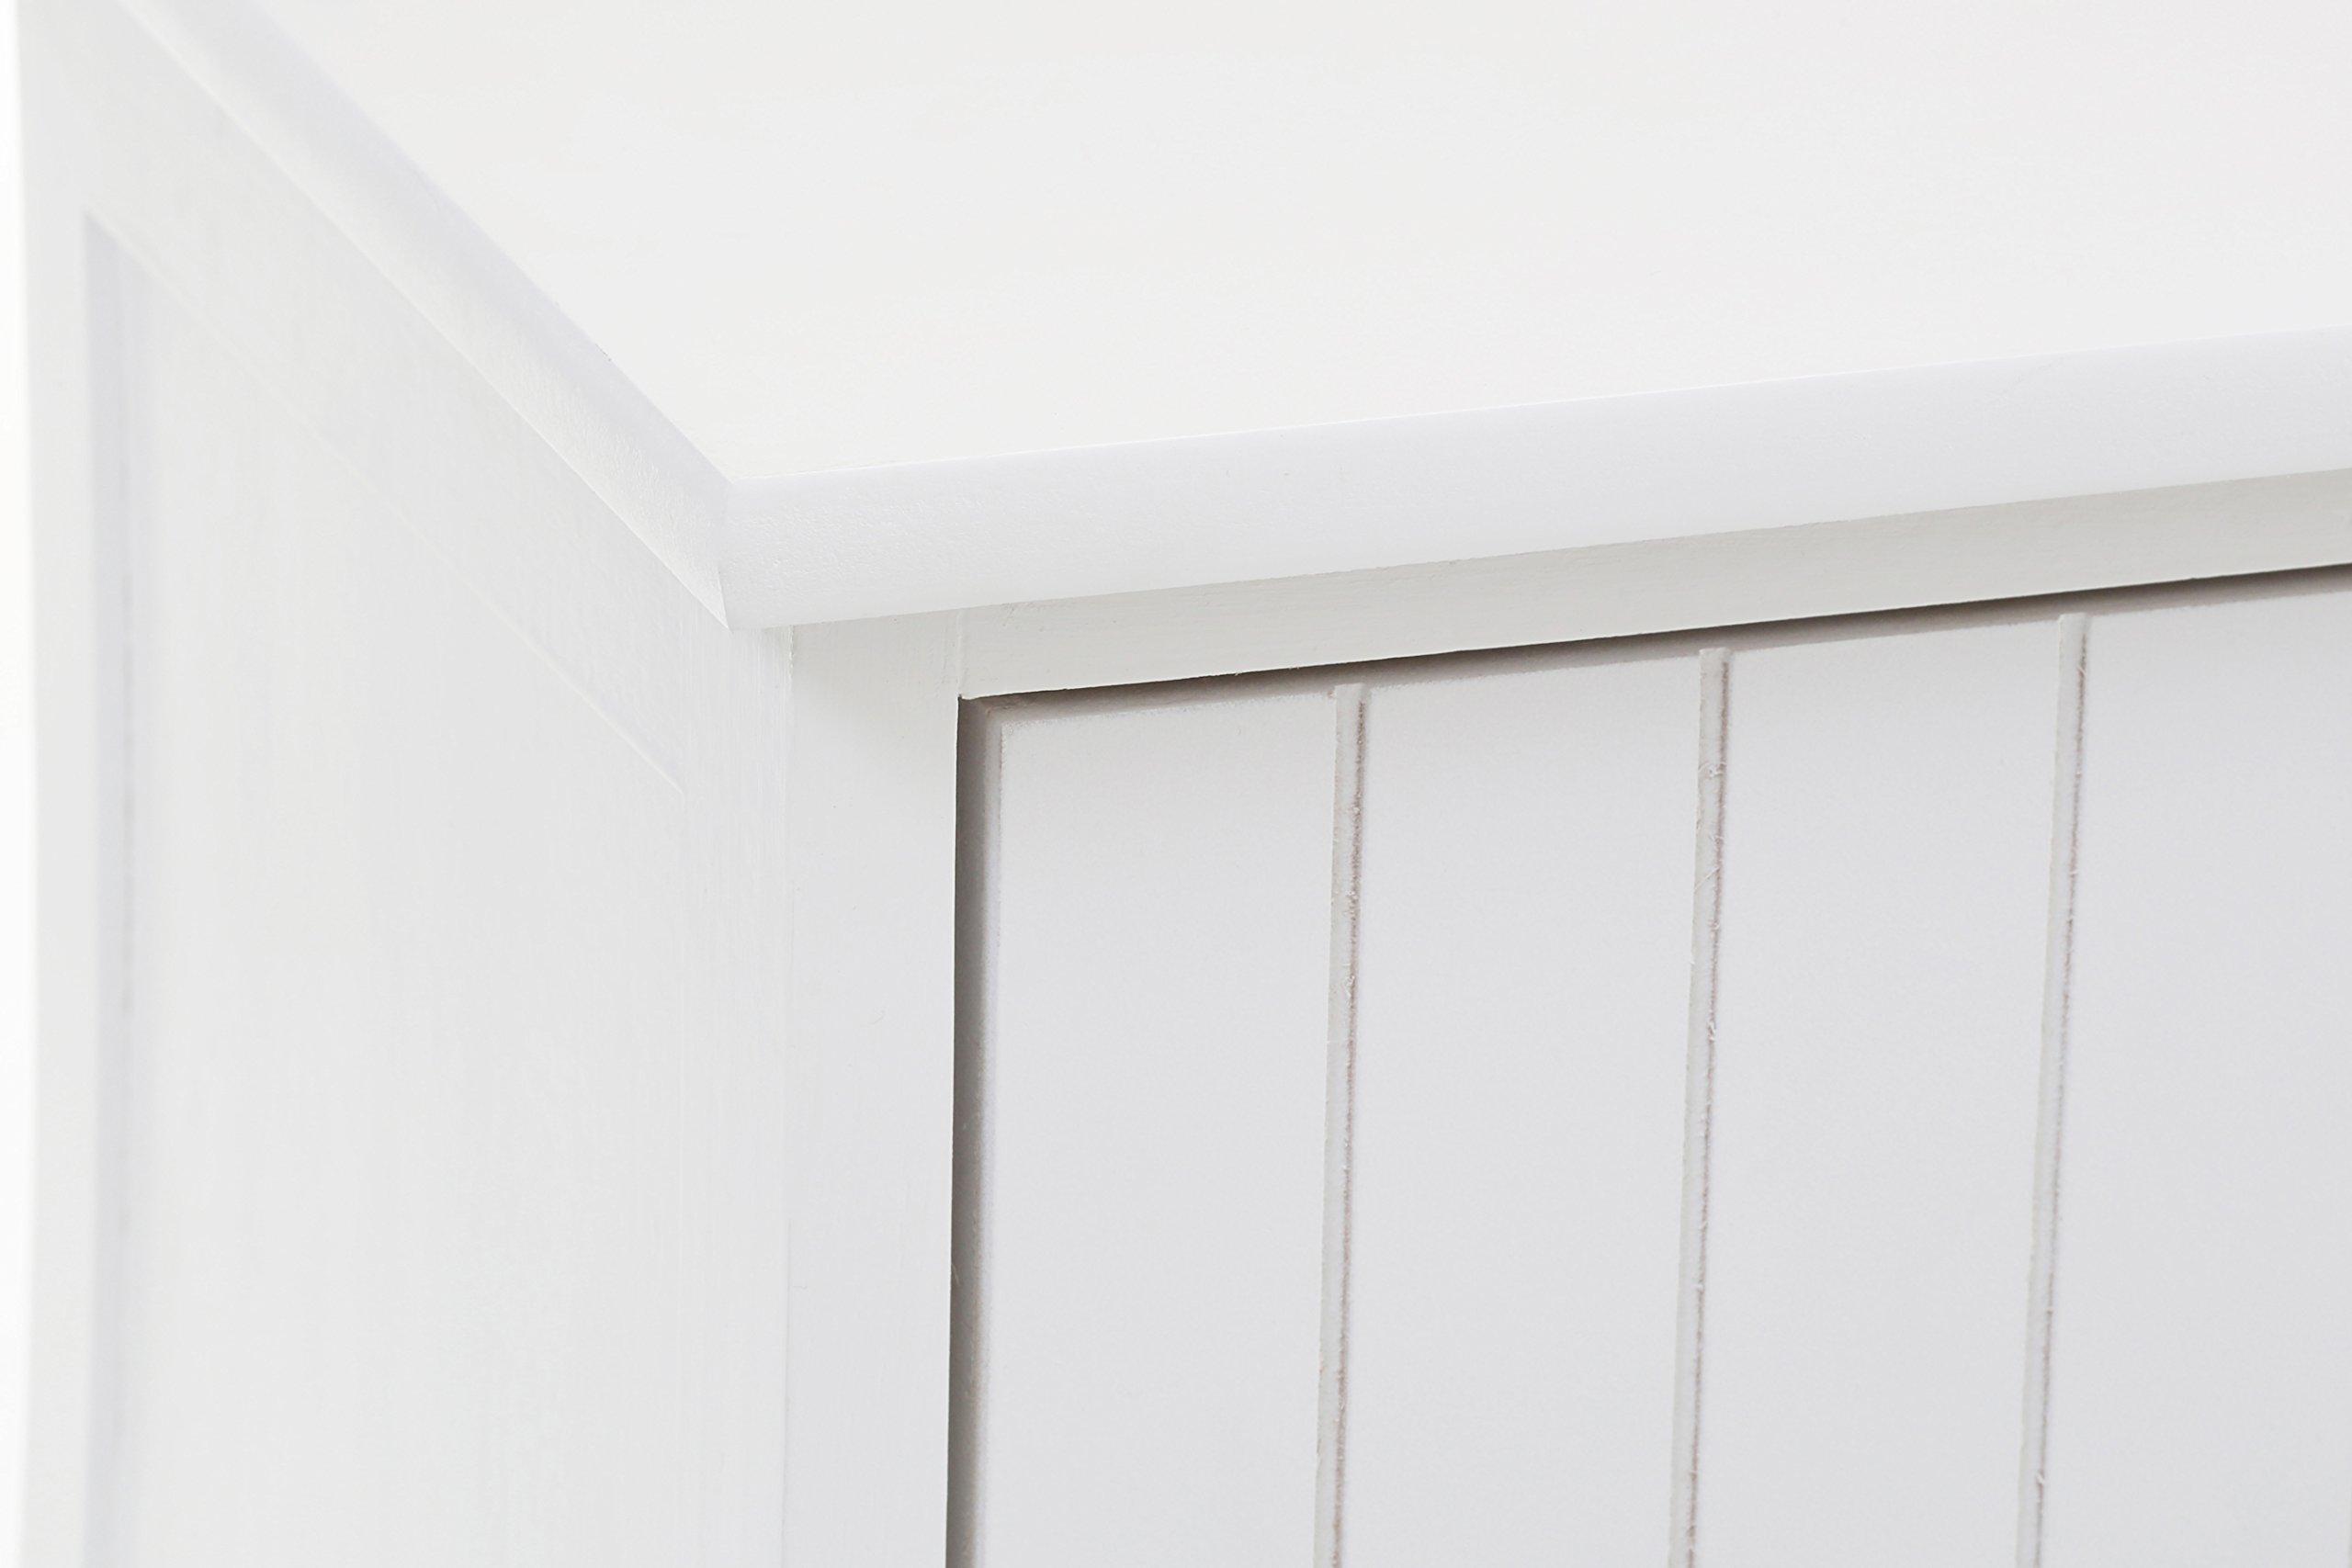 Premier Housewares Maine Banco con 4 cajones, Madera, Multicolor, 34x120x43 cm